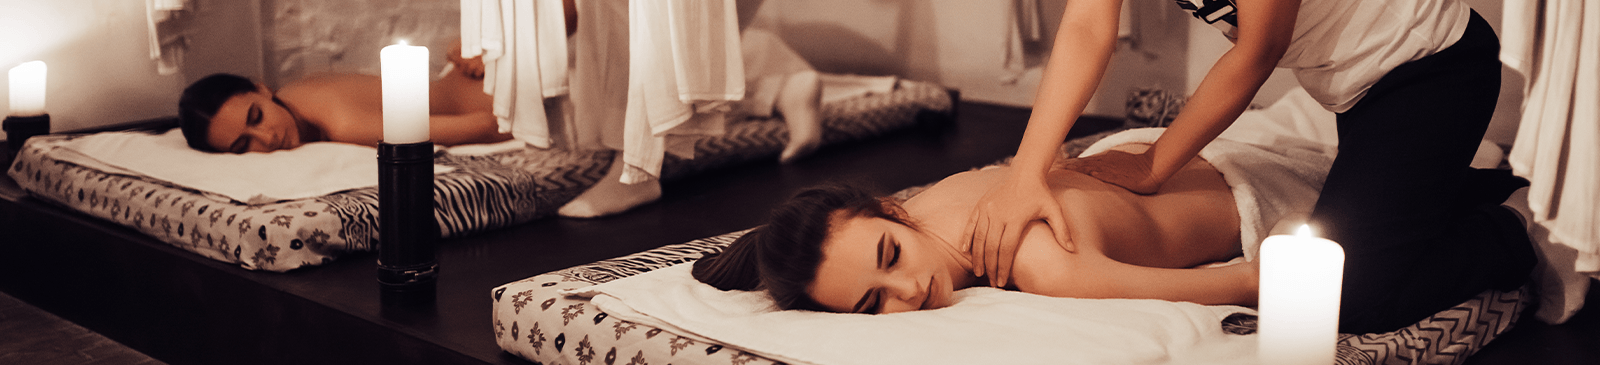 voordelen massageschool